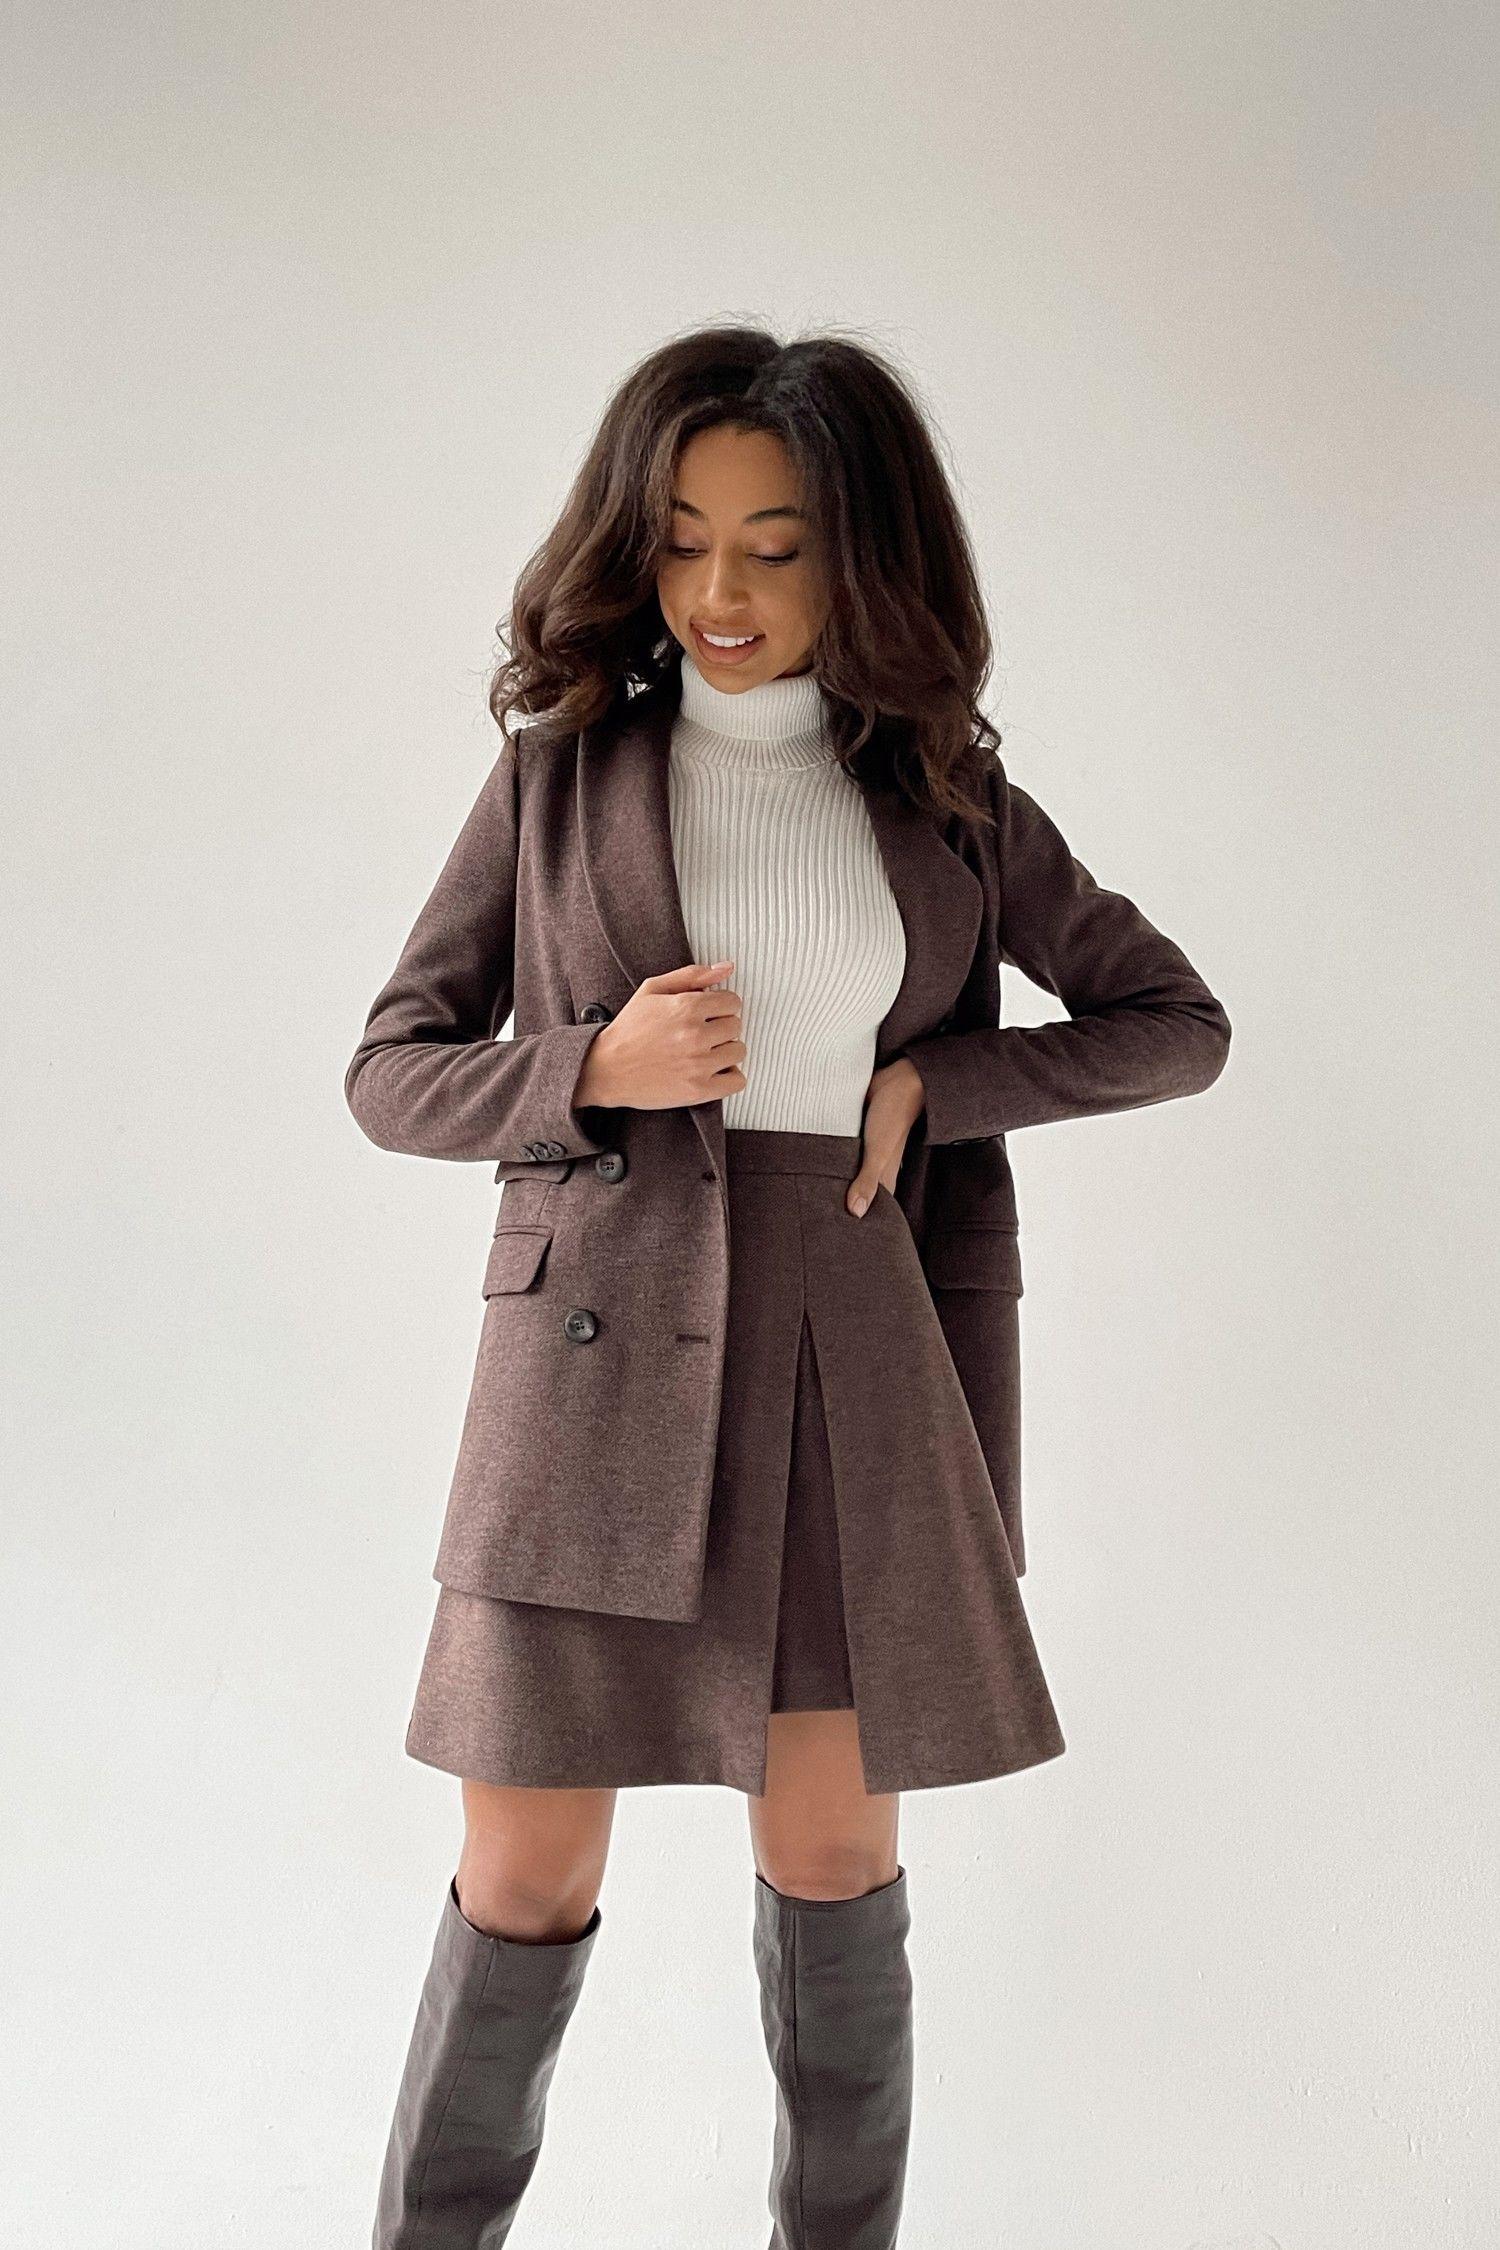 Шерстяной костюм с юбкой шоколадный - THE LACE